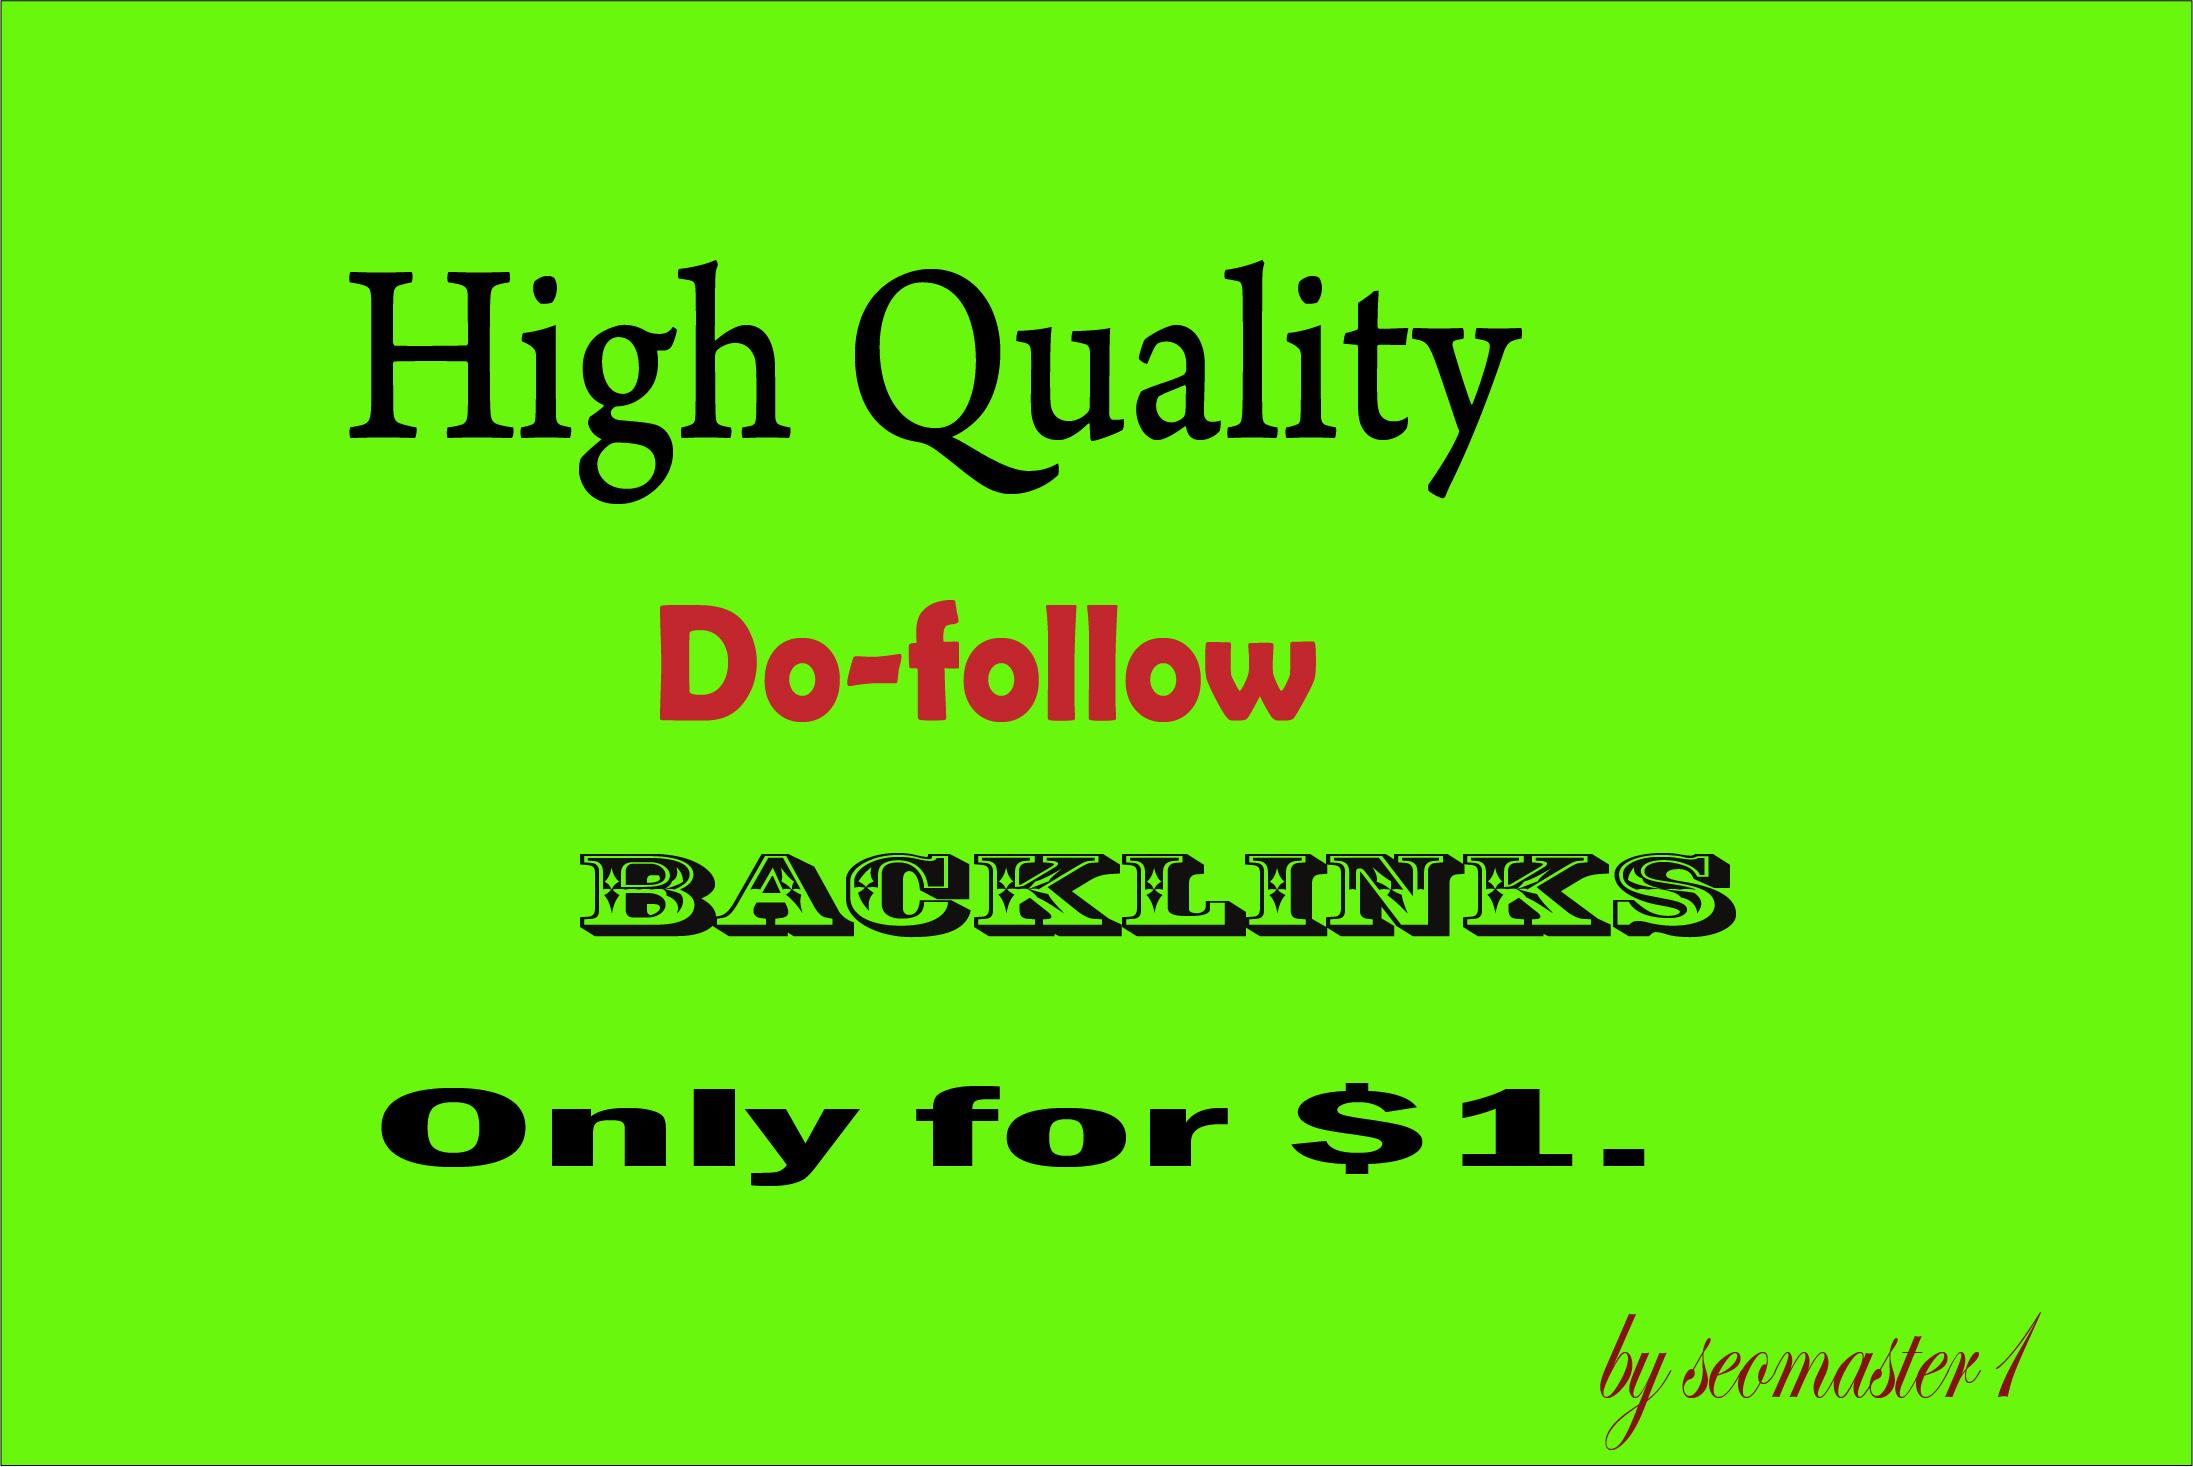 High Quality 200 Do-follow Backlinks DA 30 to DA 100